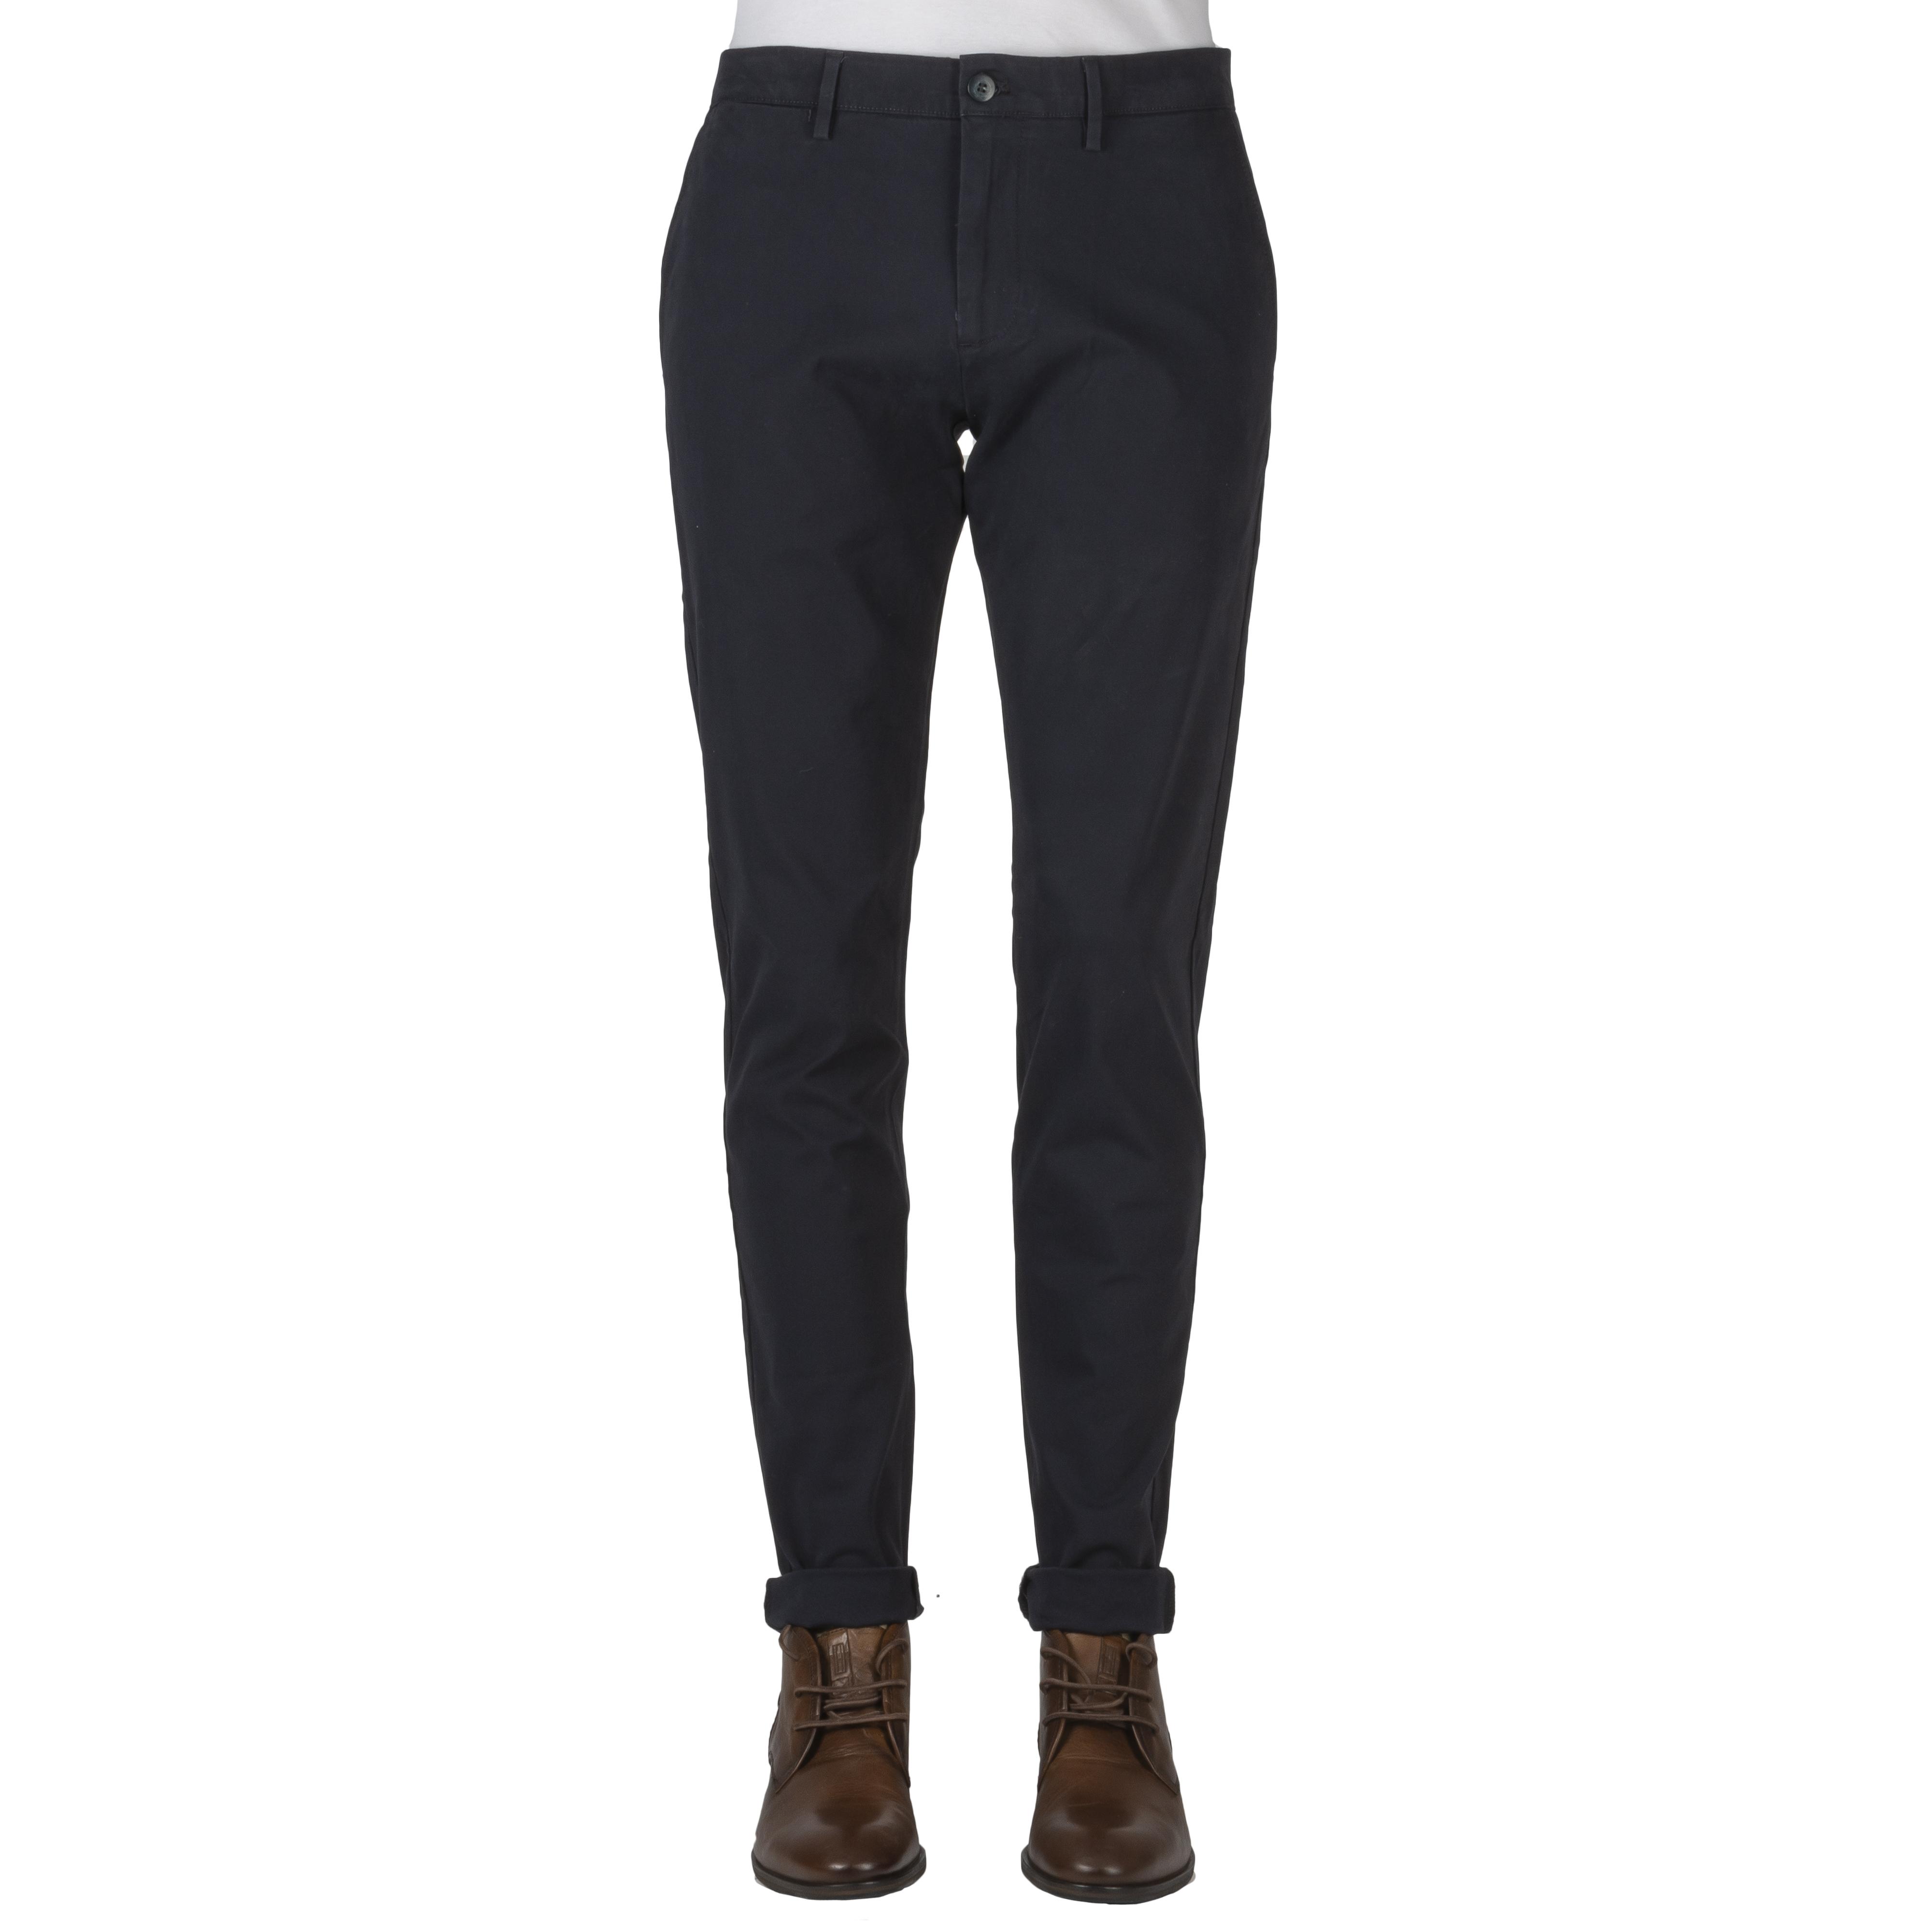 Pantalon chino  taper en coton stretch bleu nuit